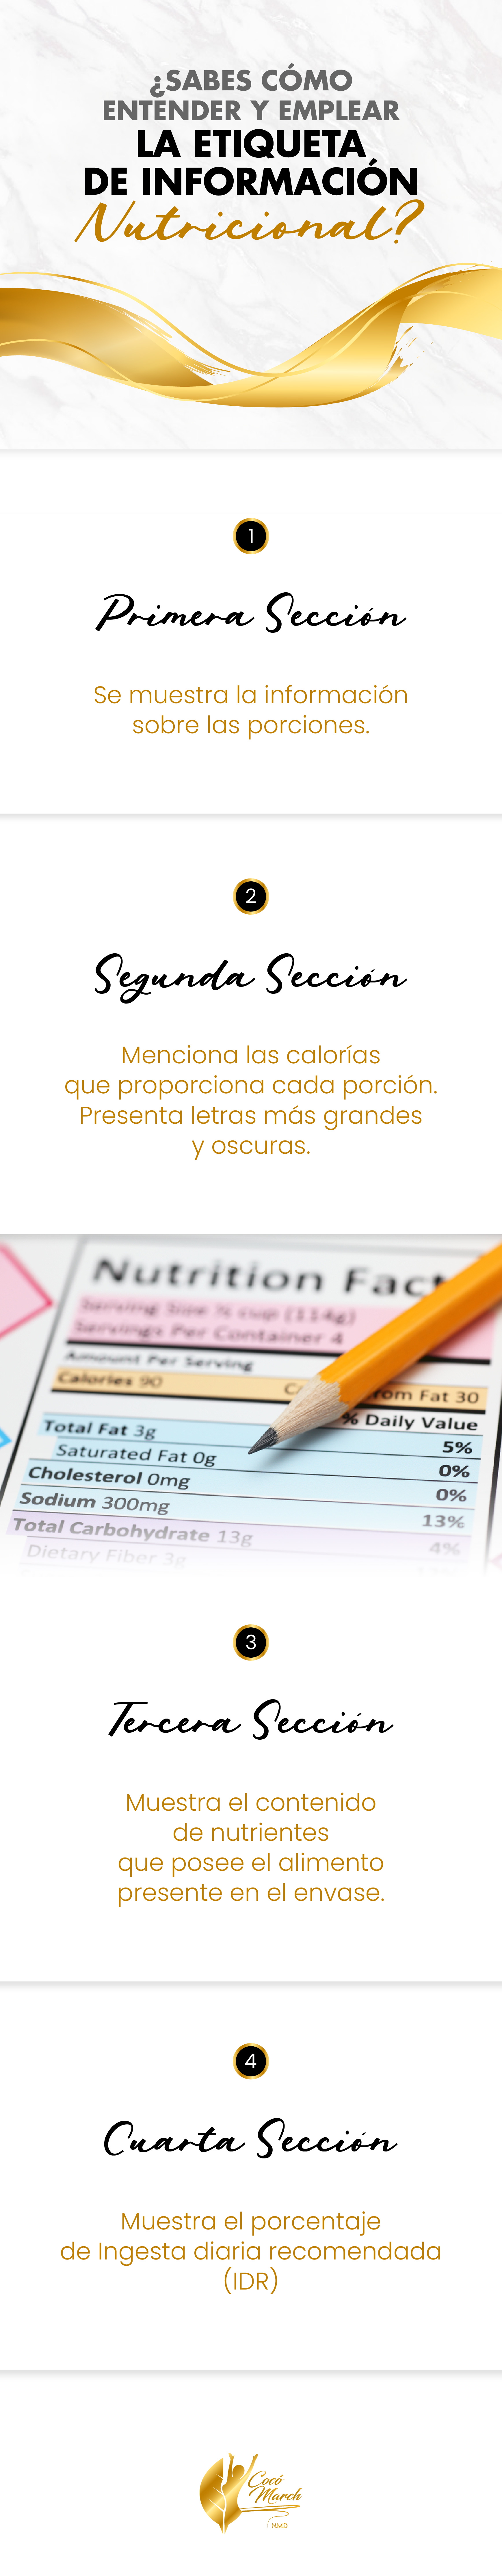 como-entender-y-emplear-la-etiqueta-de-informacion-nutricional